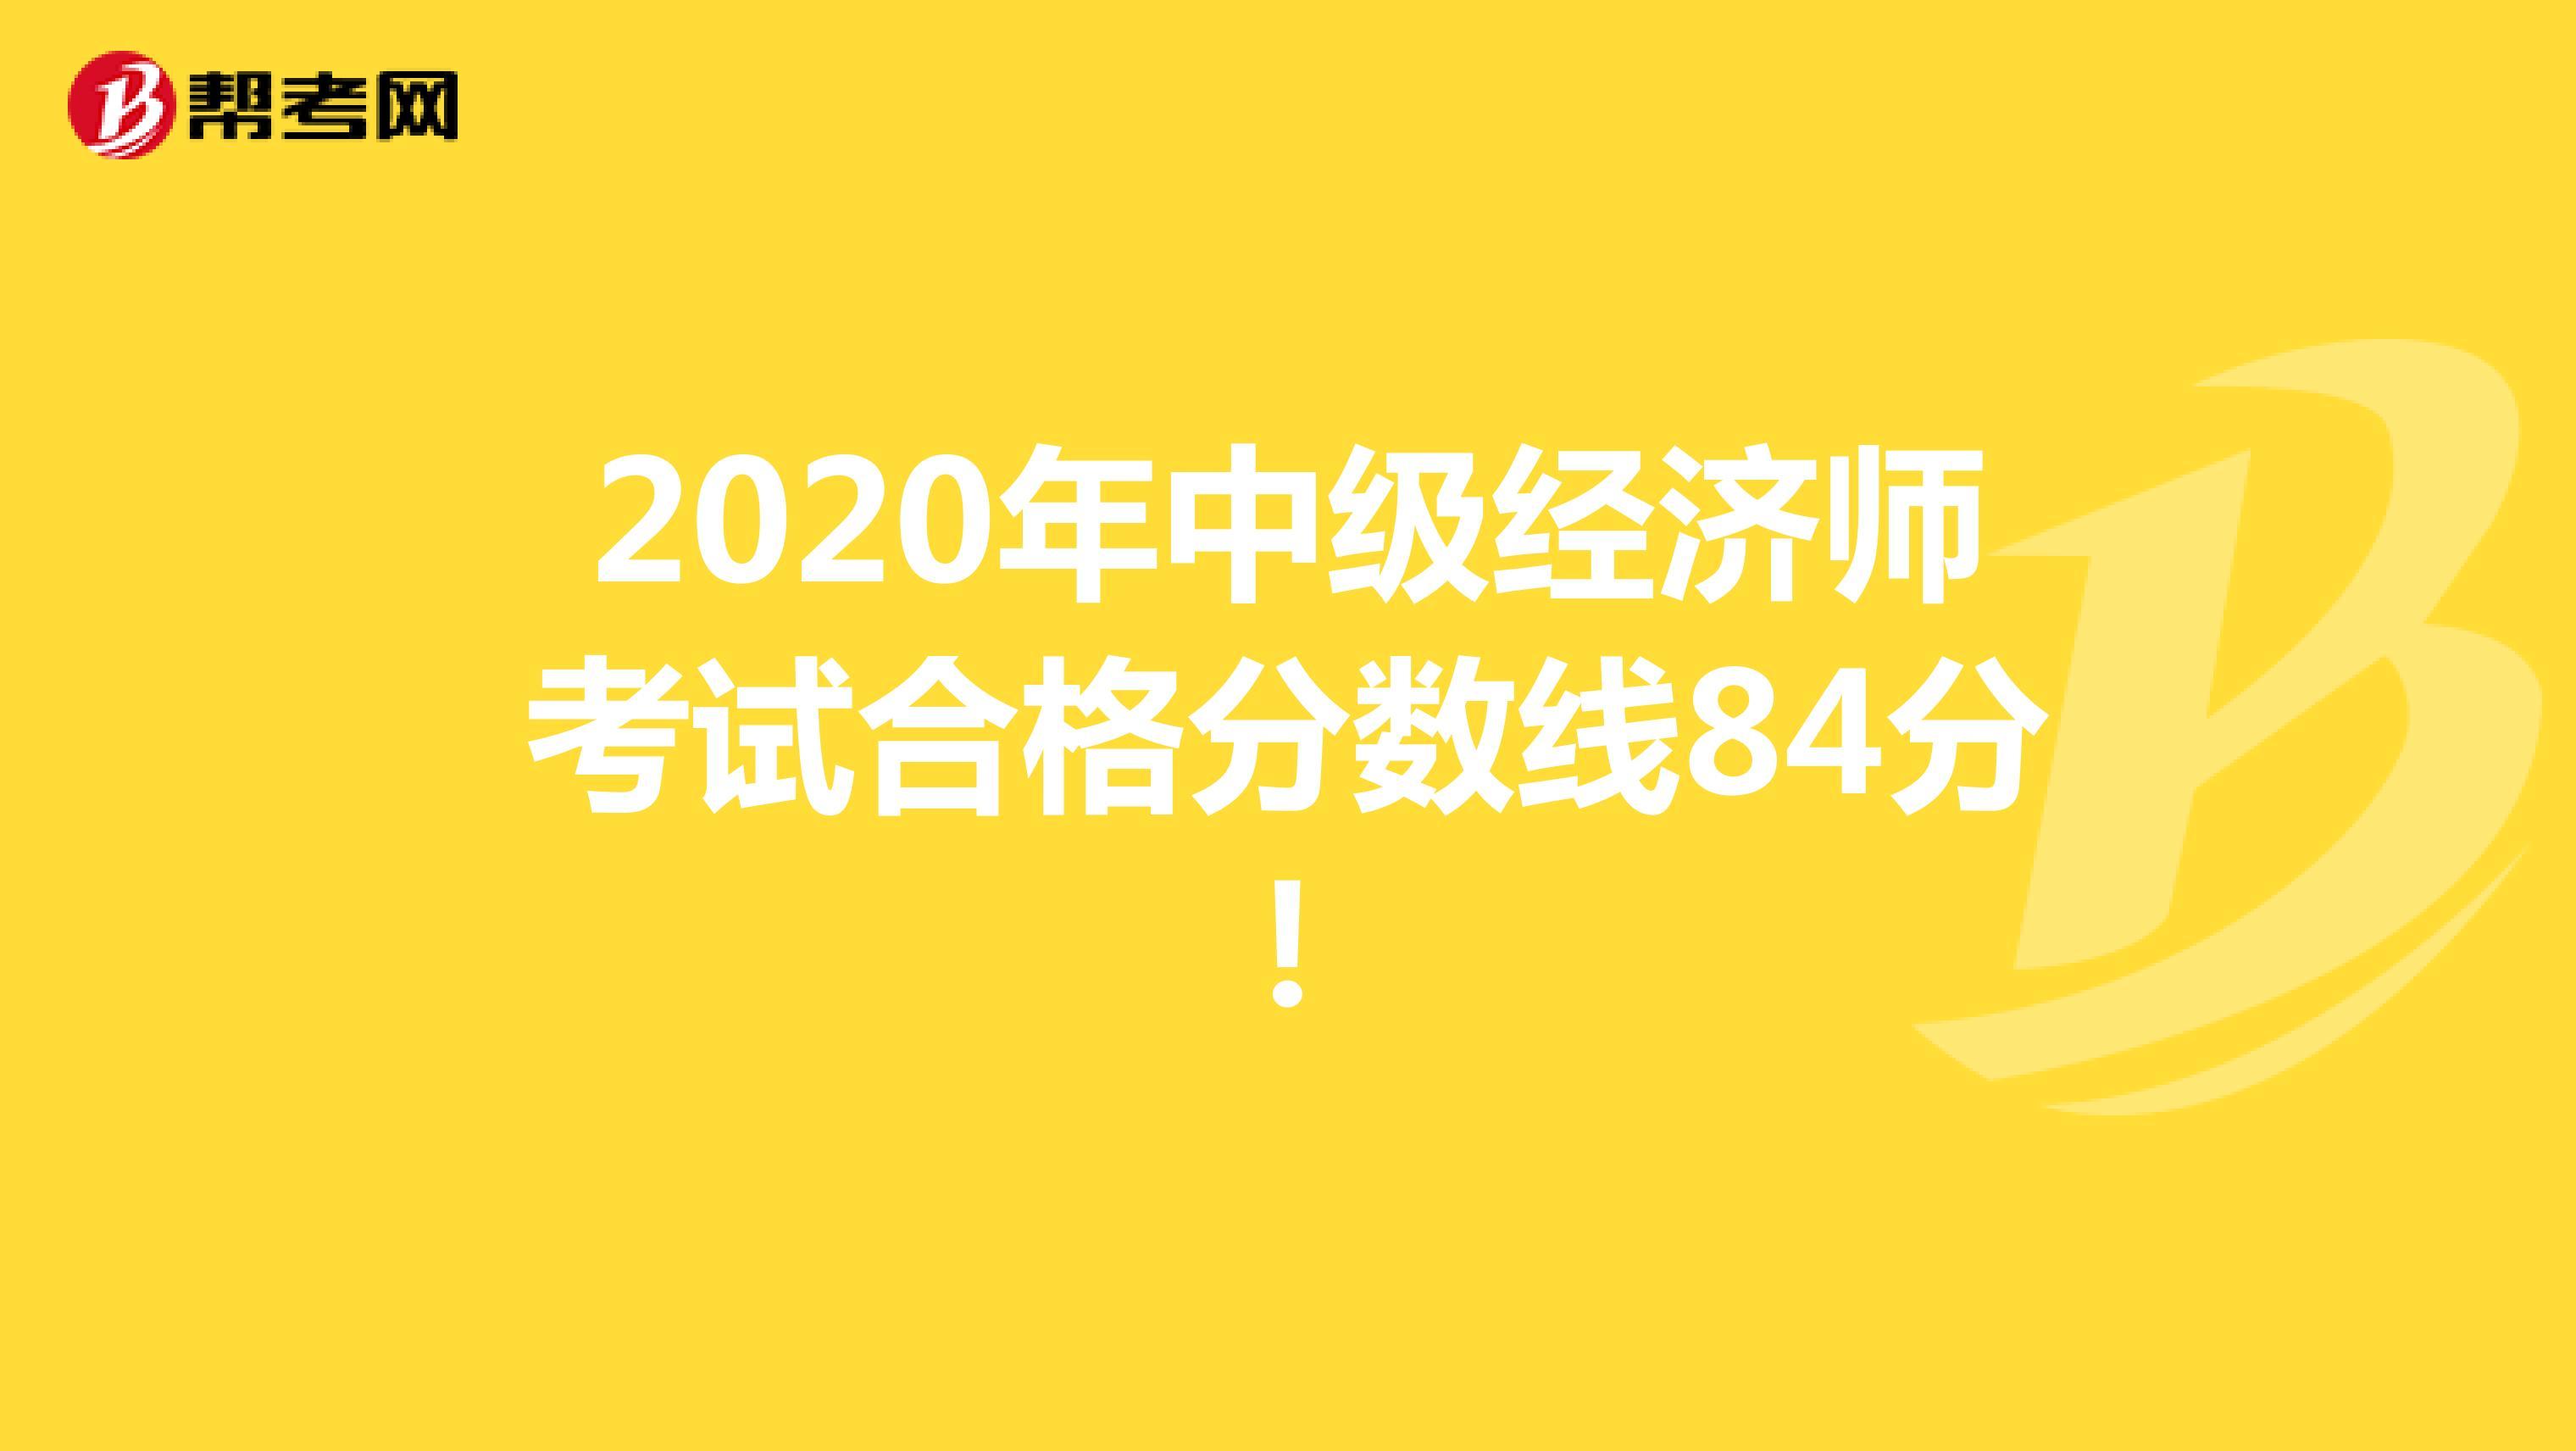 2020年(hot88电竞官网)中级经济师考试合格分数线84分!